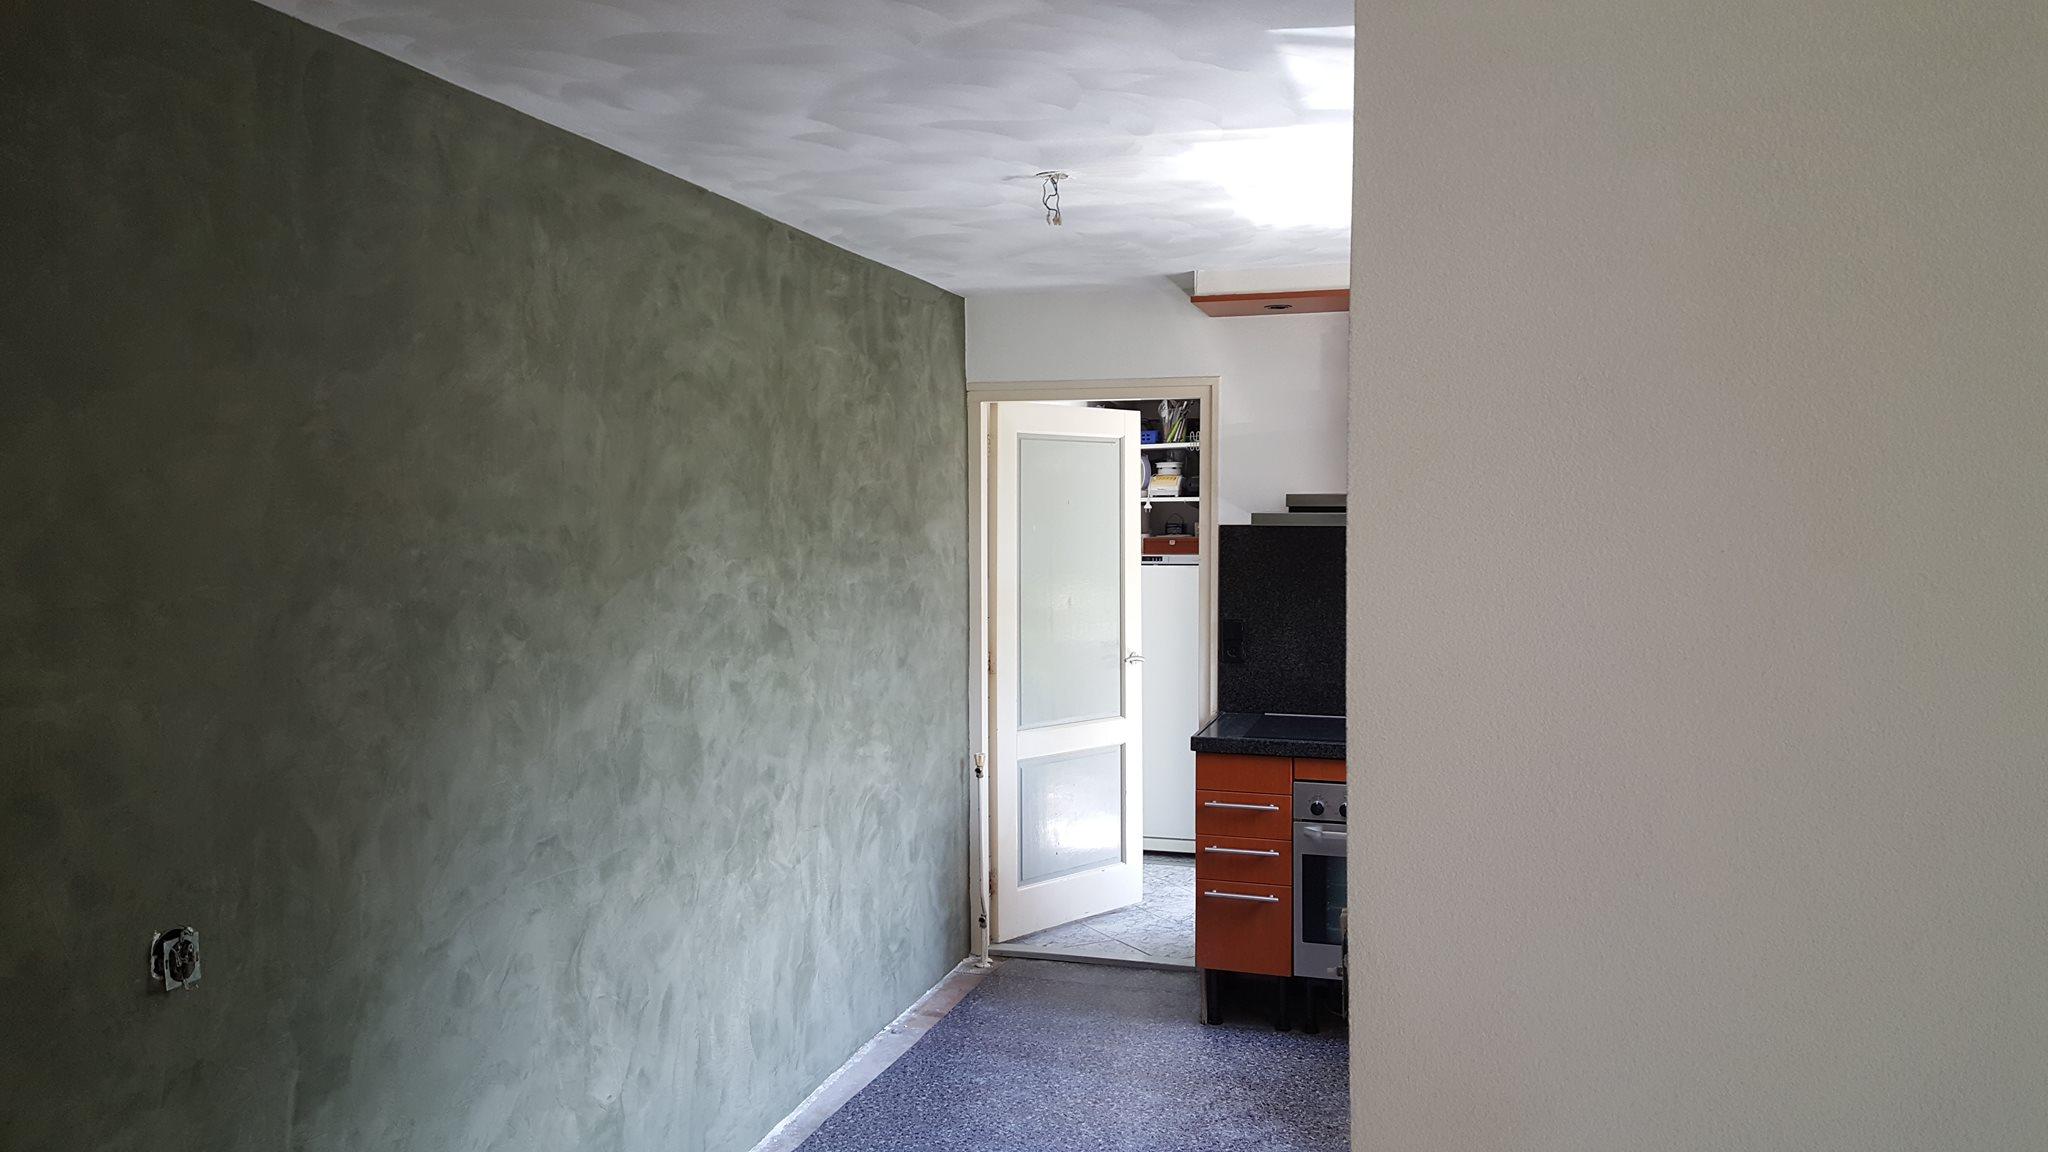 Wanden afgewerkt met Stucco mat, plafonds in schuurwerk (wildverband)